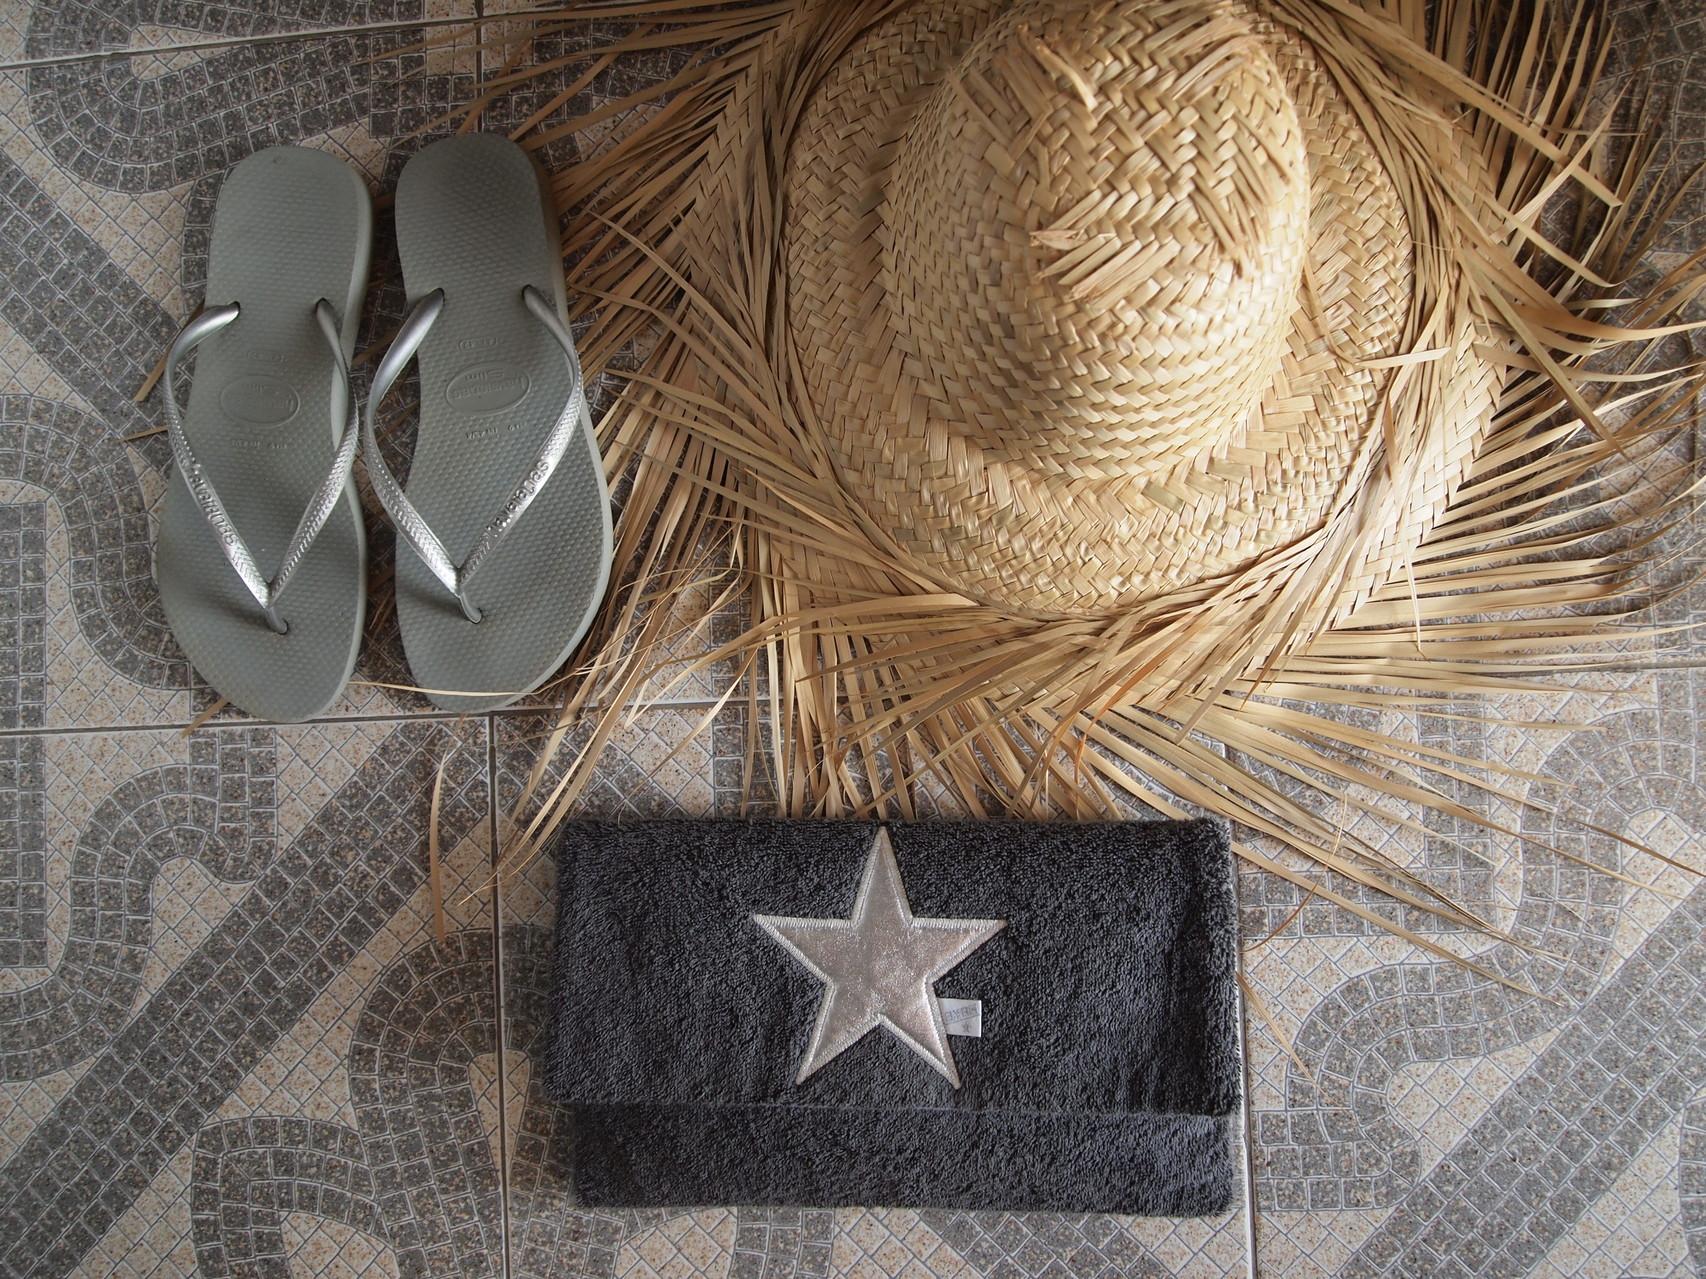 BYRH Beach Bag -  Clutch - Graphit - Silver Edition - Mykonos - Hotel San Giorgio